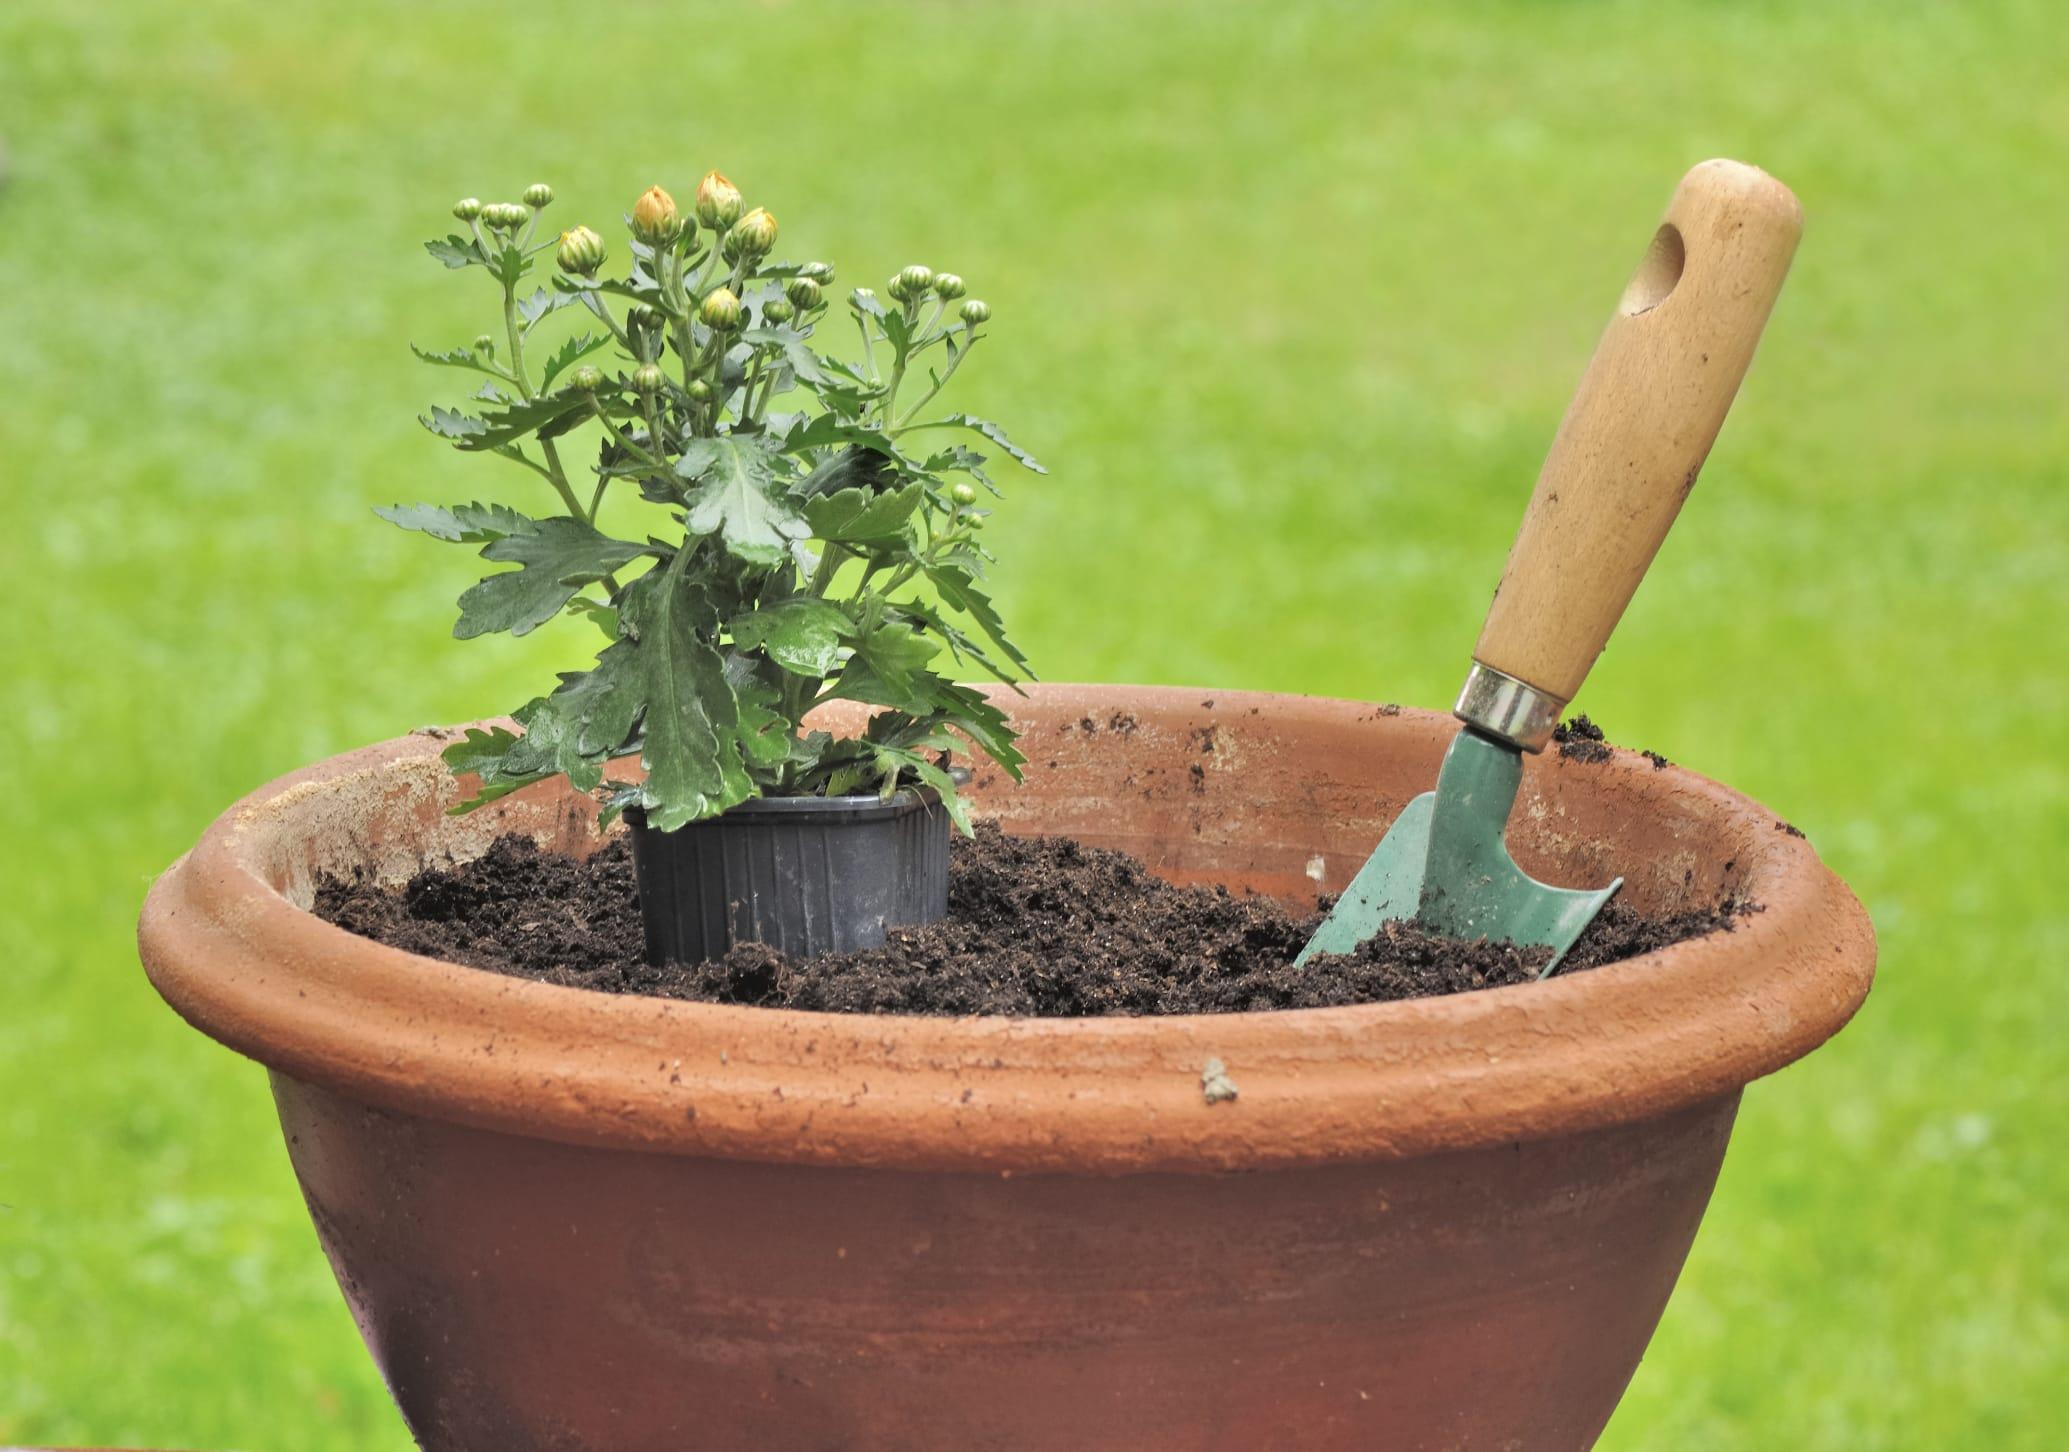 Vasi con gli scarti organici, facili da smaltire. Non inquinano e nutrono molto bene le piante